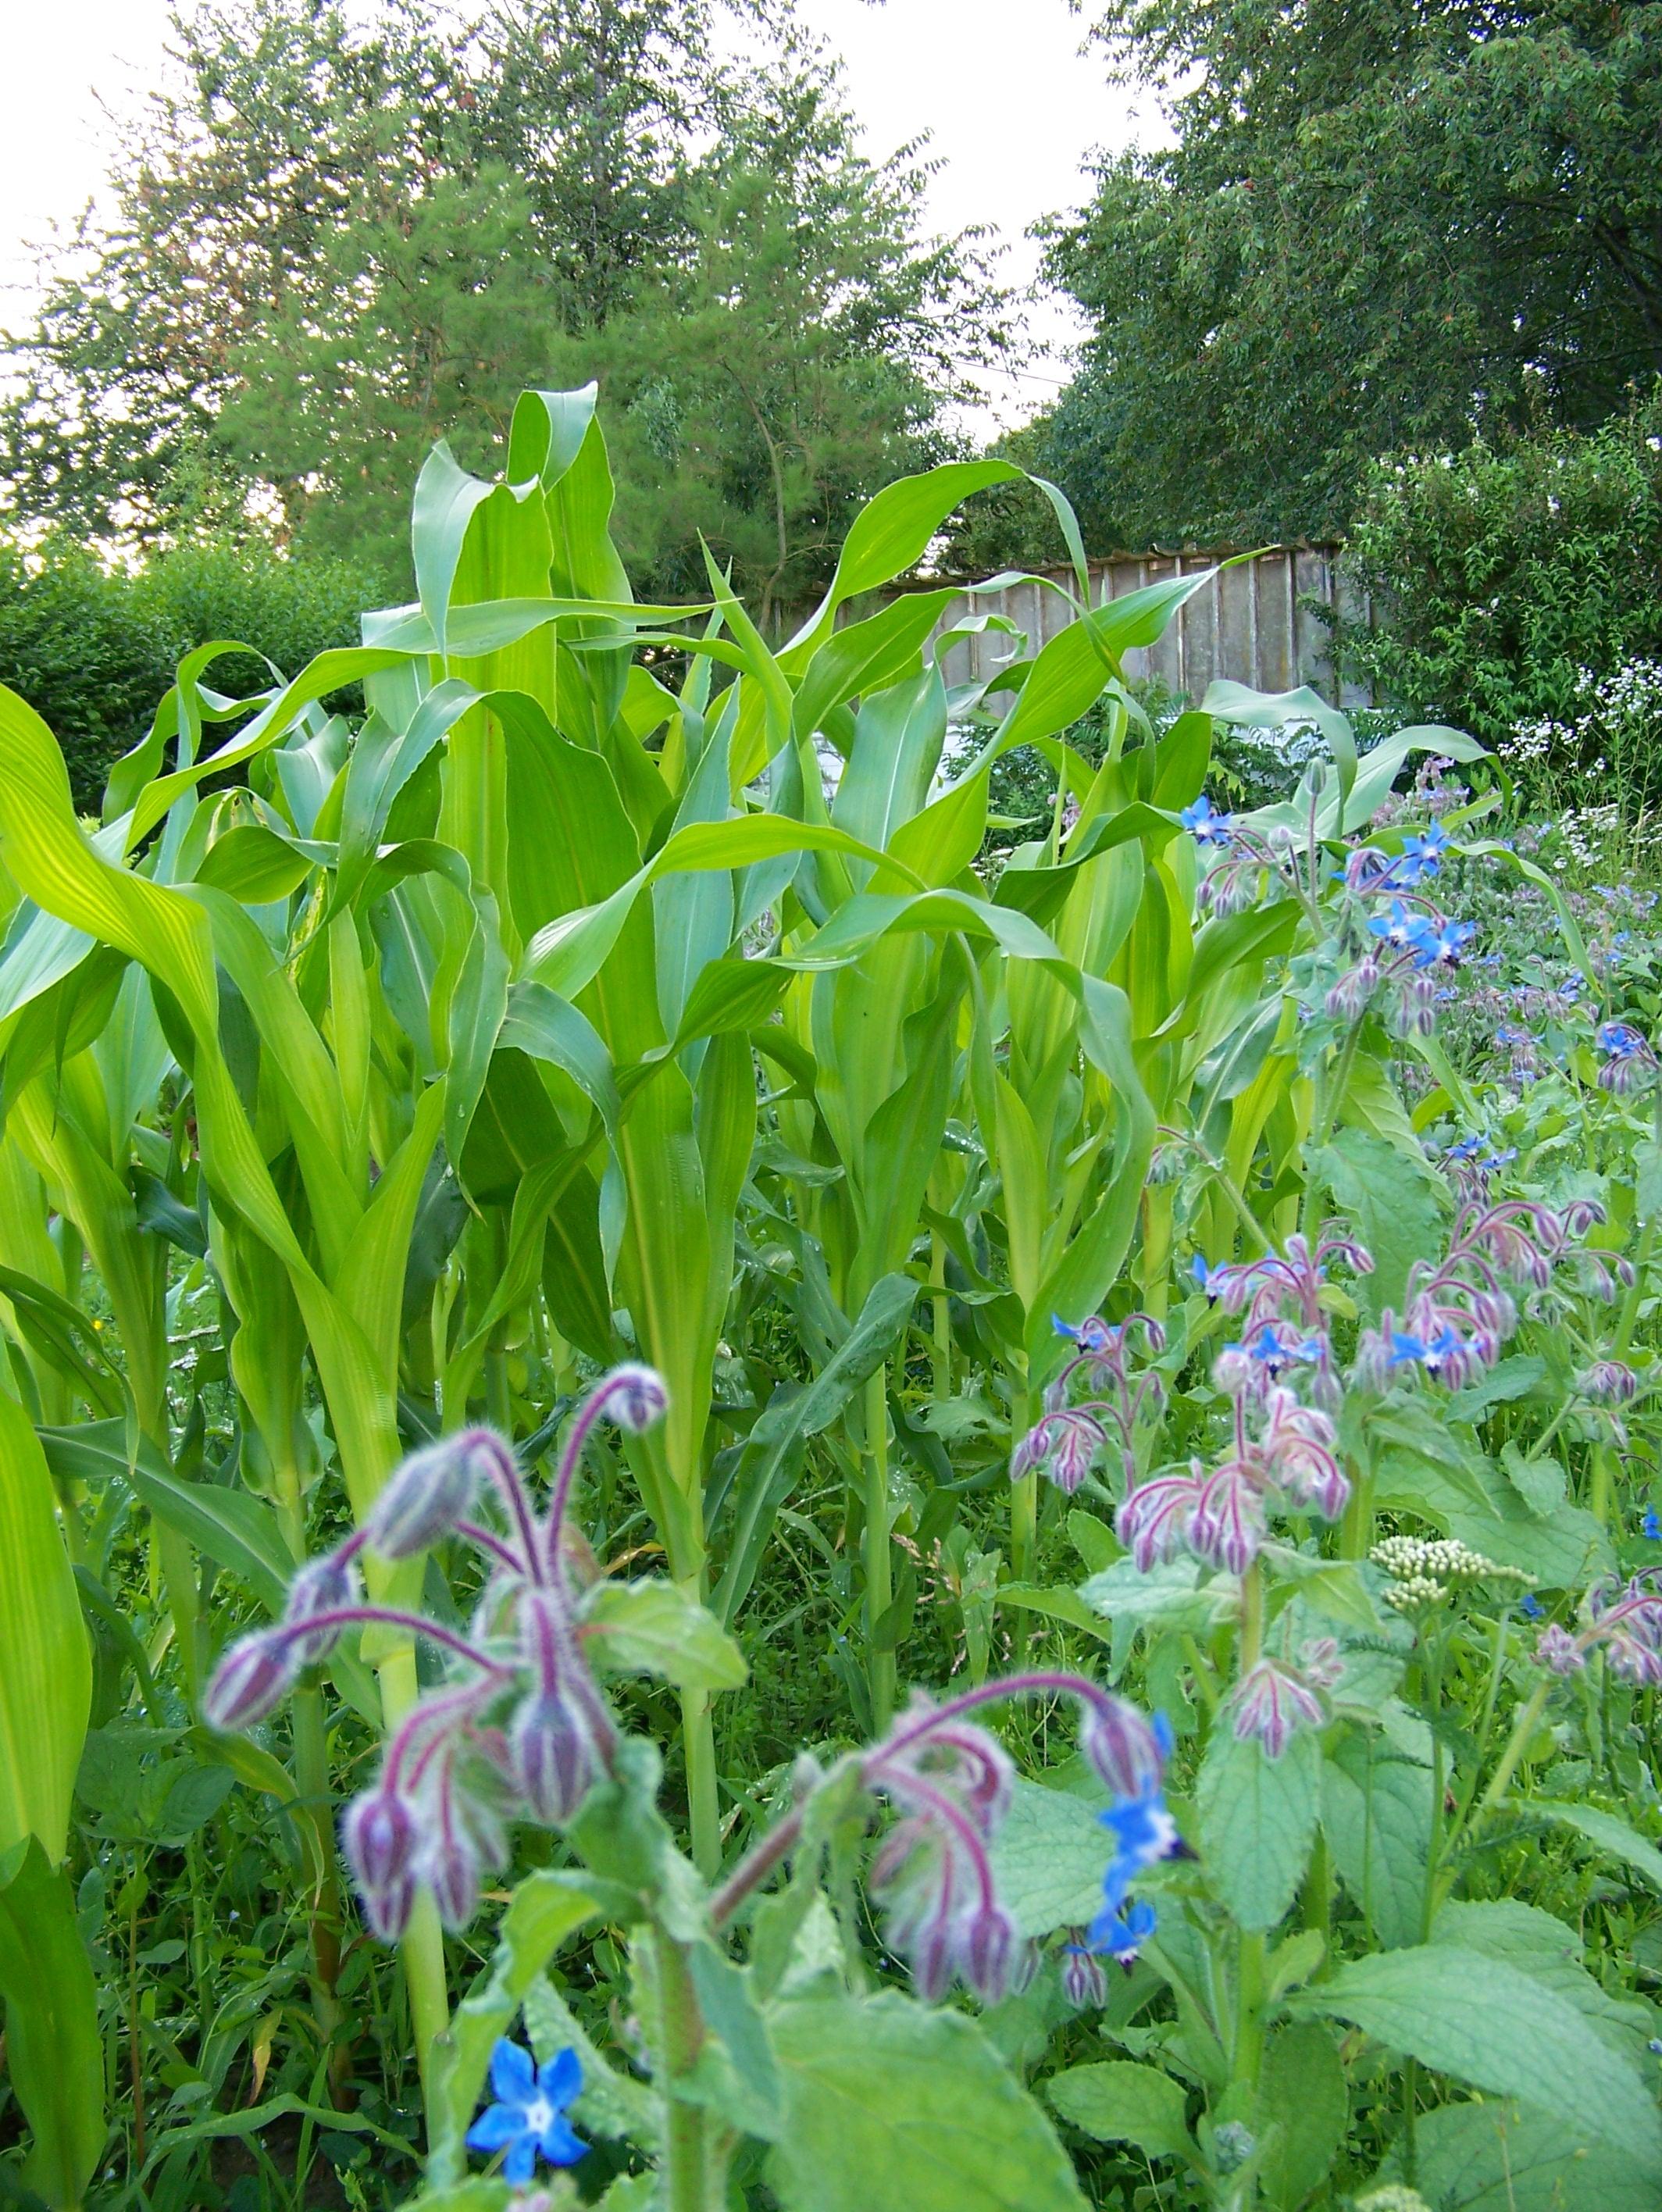 Laur ate 2013 le jardin de vanessa grosjean les hays for Au jardin des sans pourquoi